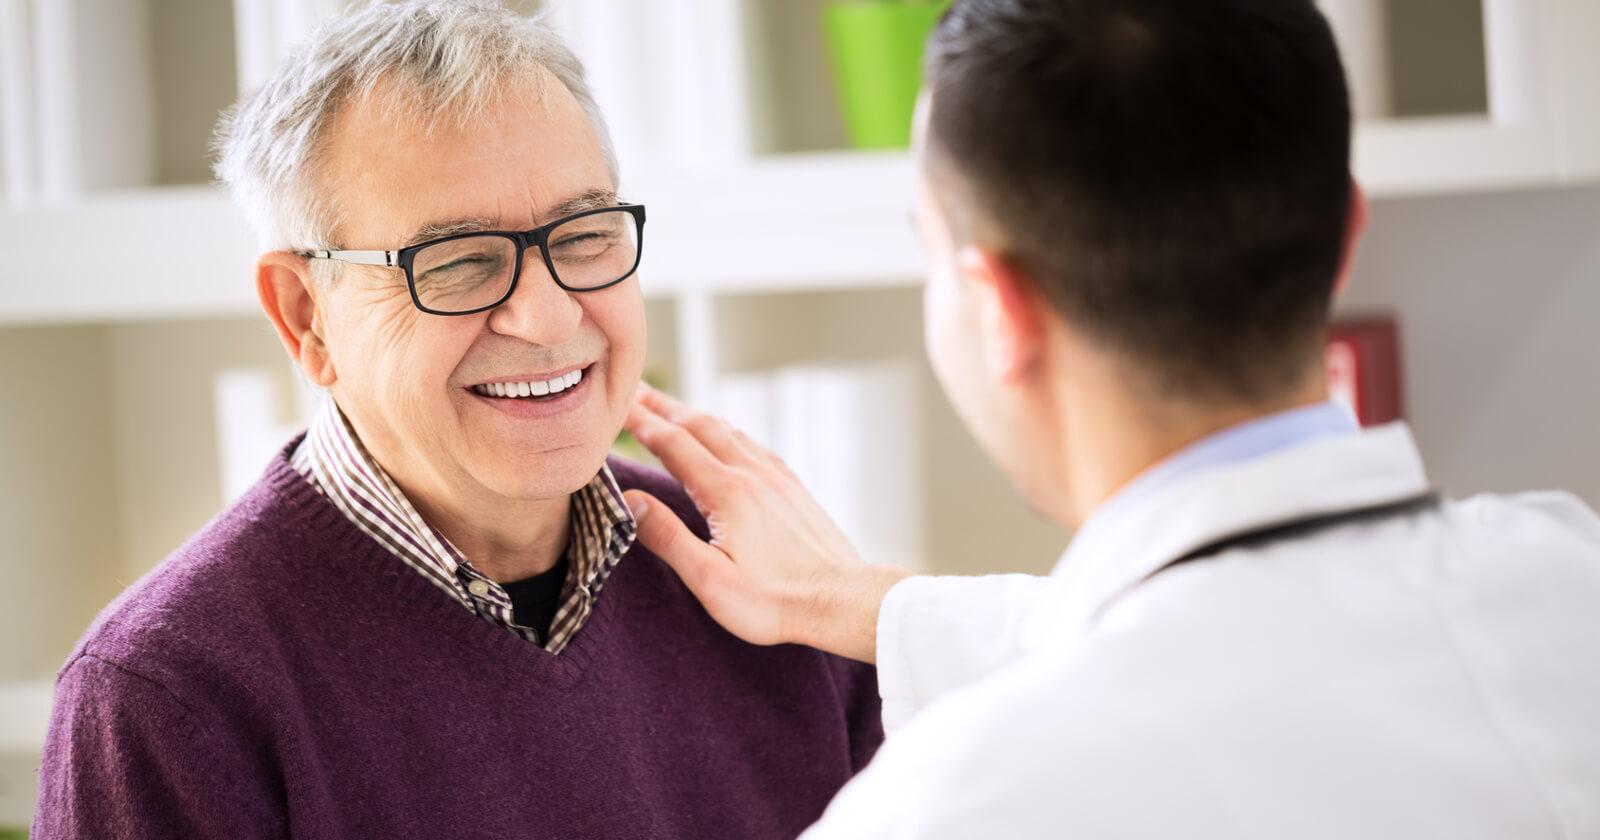 Ältere Menschen leiden häufiger an vergrößerten Hämorrhoiden